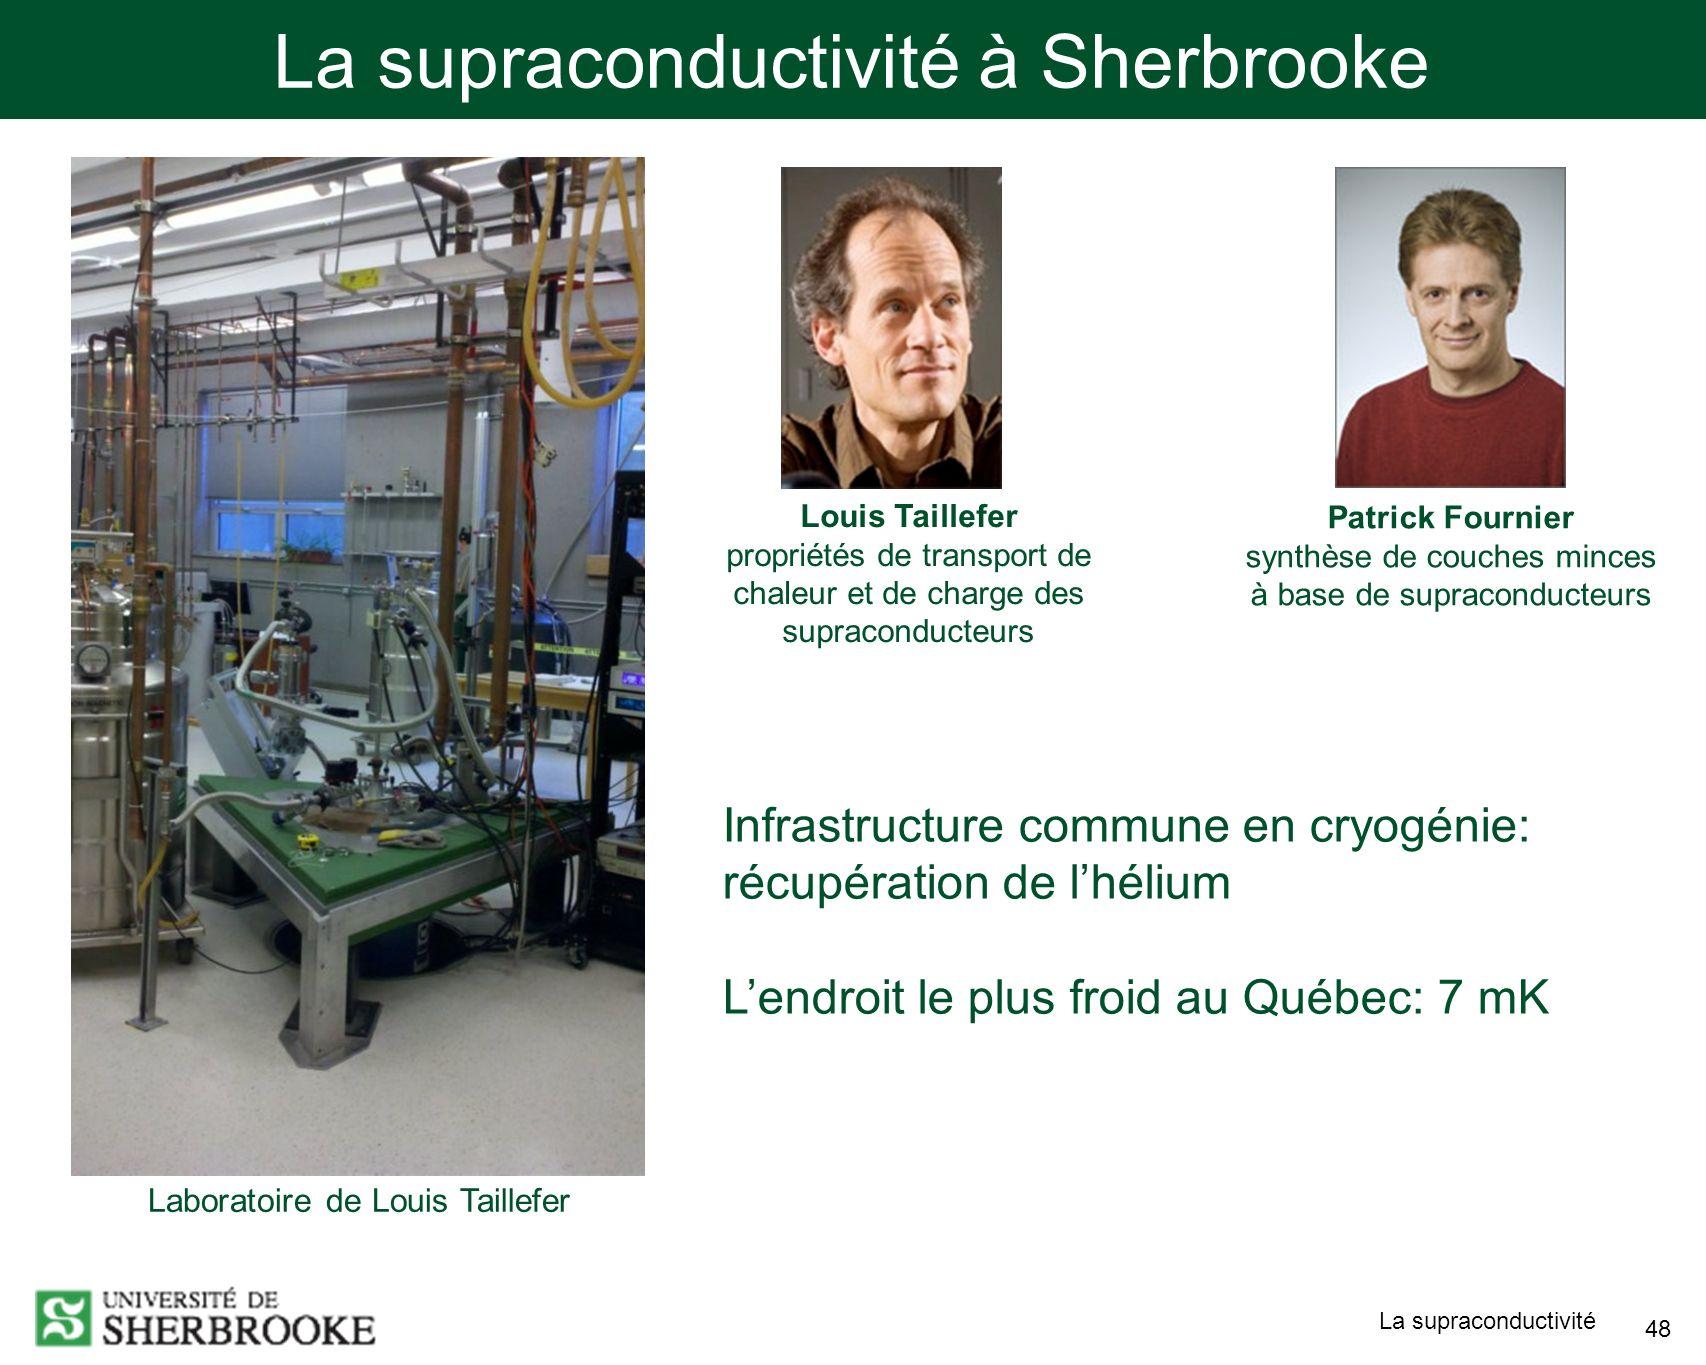 La supraconductivité à Sherbrooke